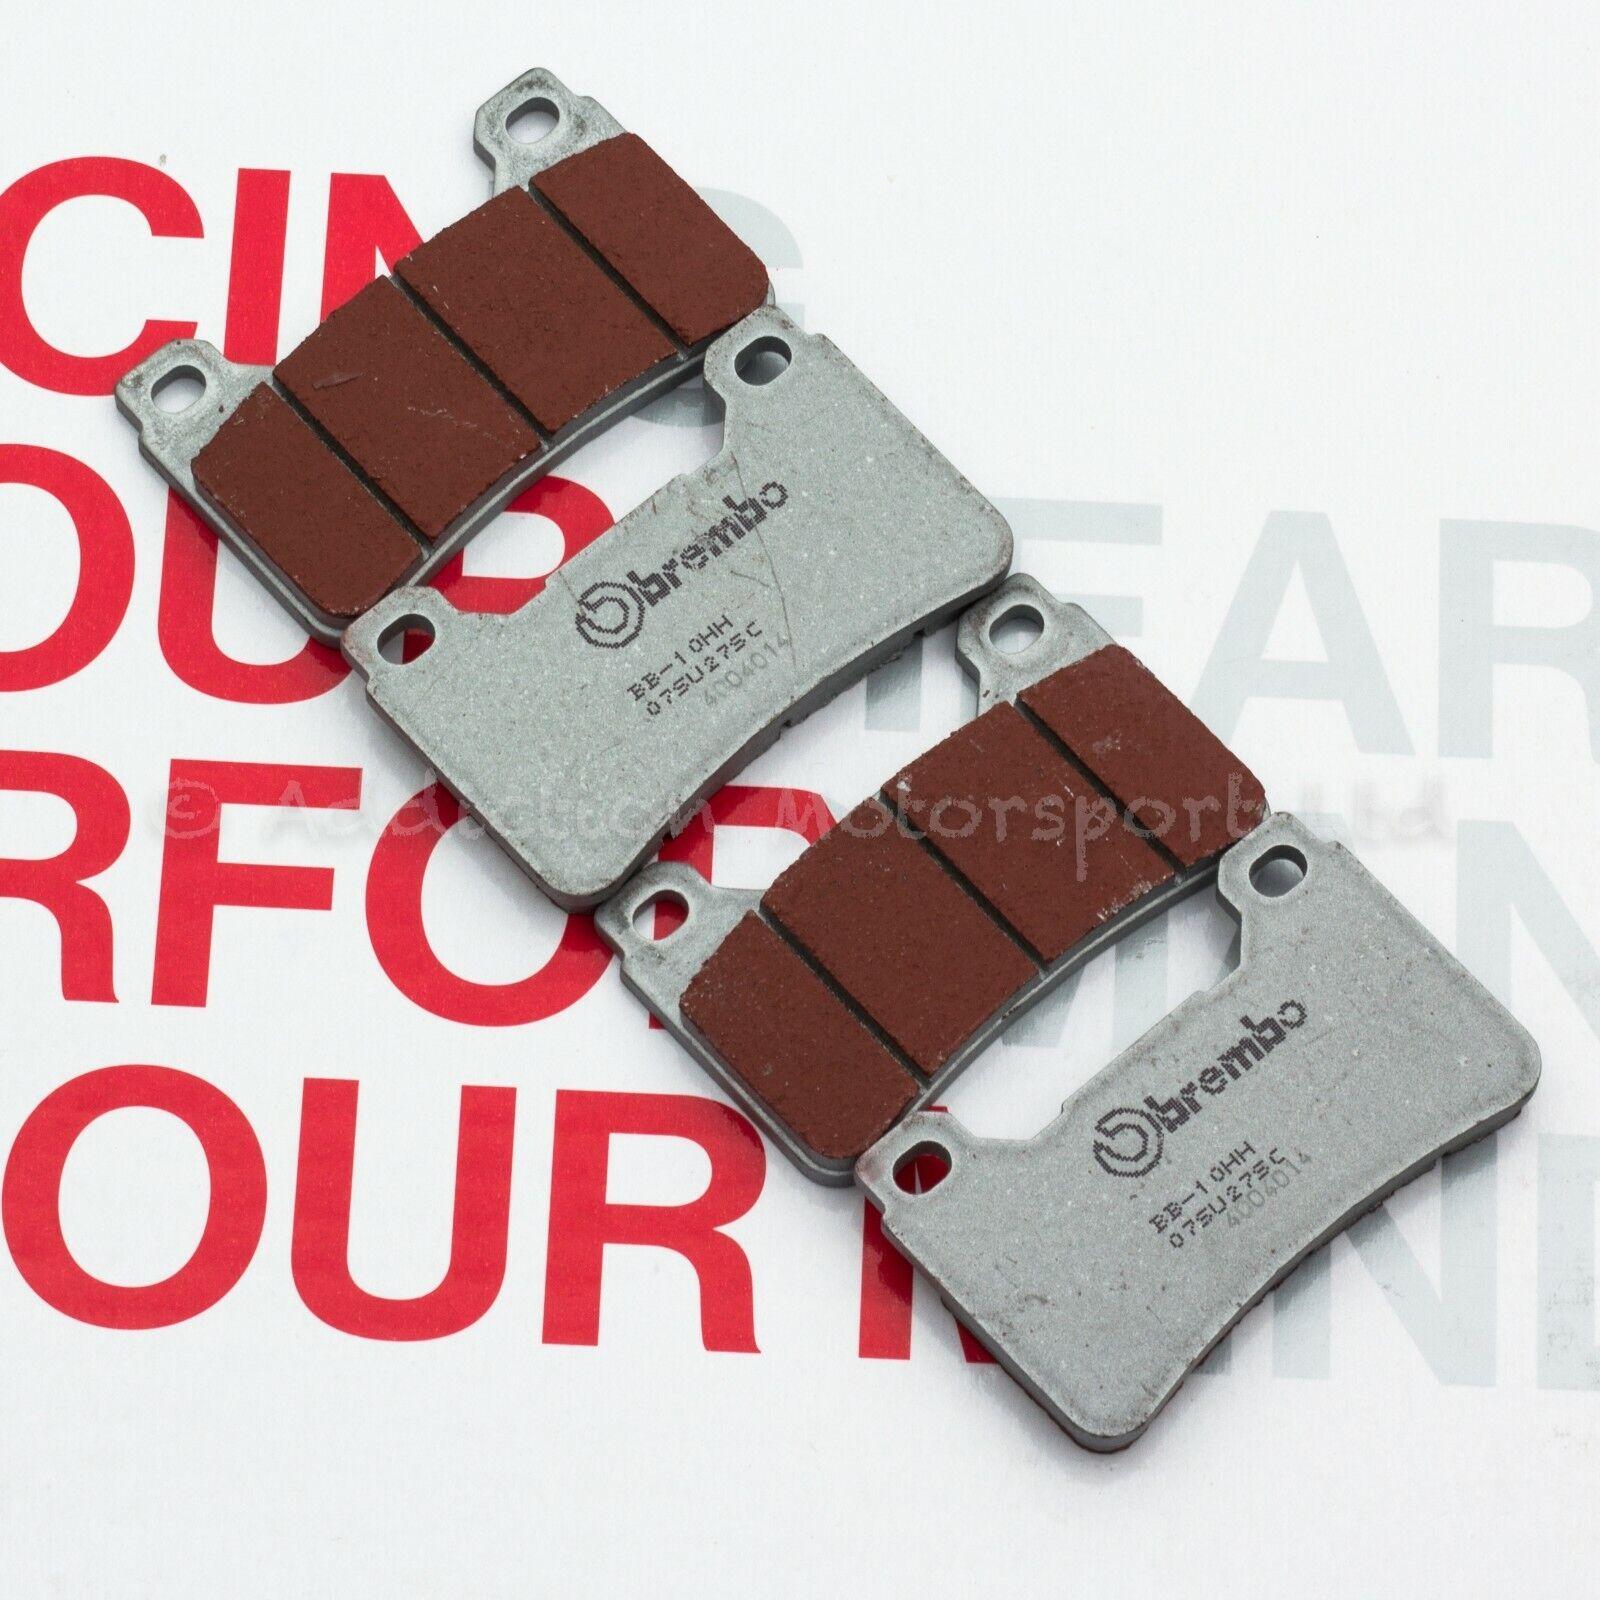 2x Sets SINTERED FRONT BRAKE PADS GSXR750 GSX-R K8 K9 L0 SUZUKI GSXR 750